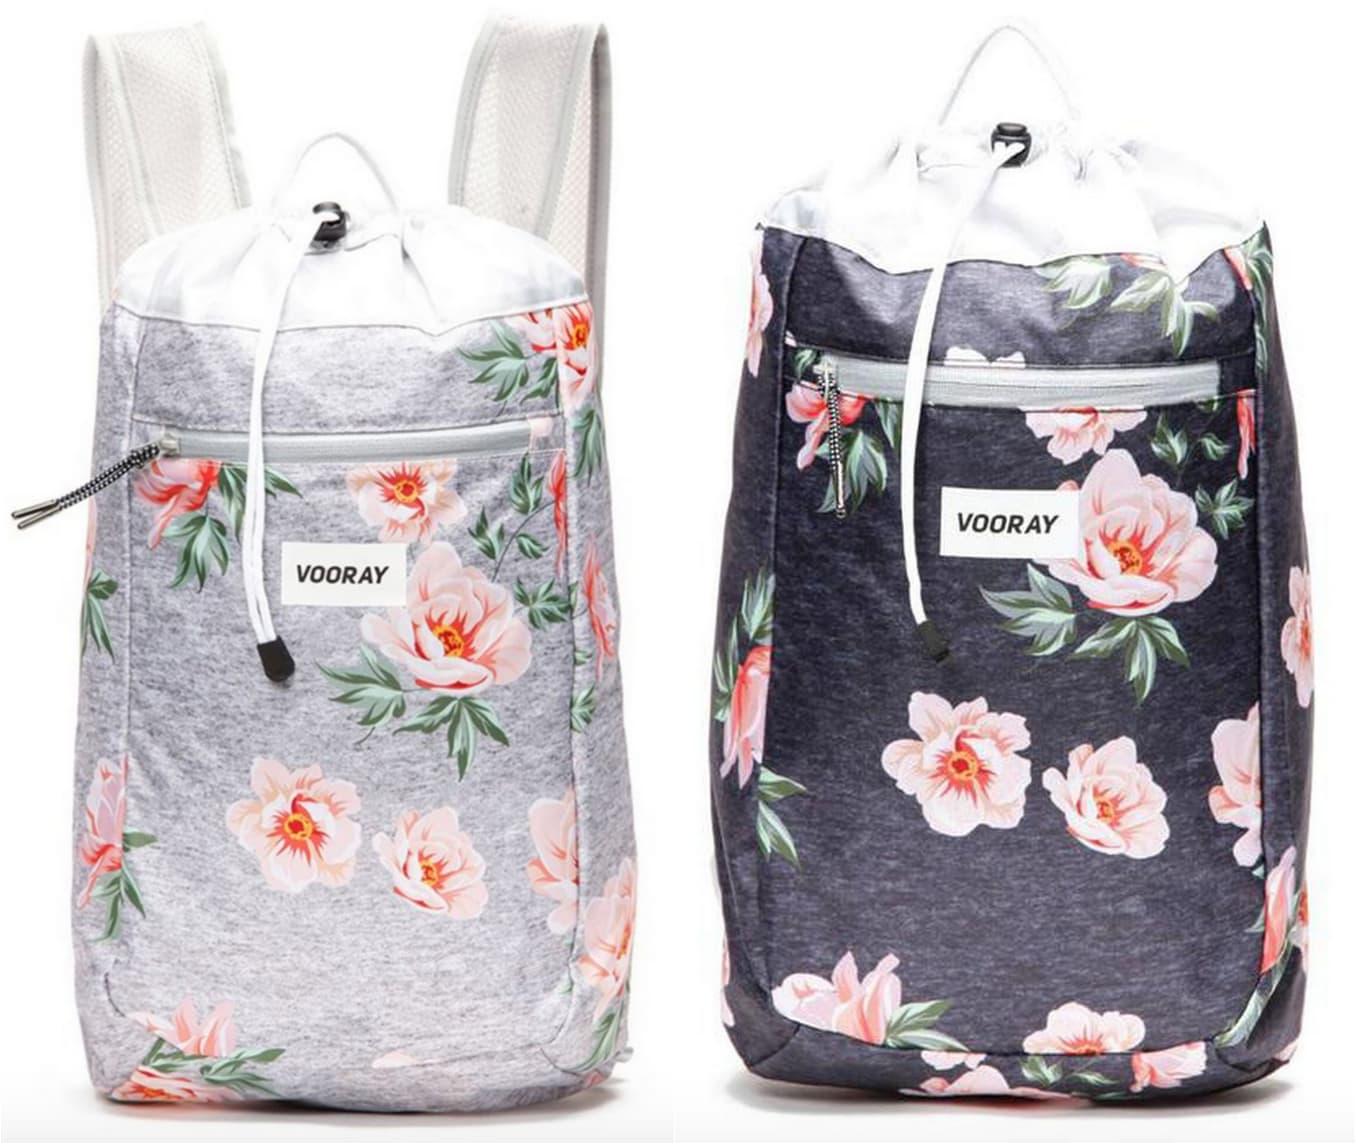 vooray bags